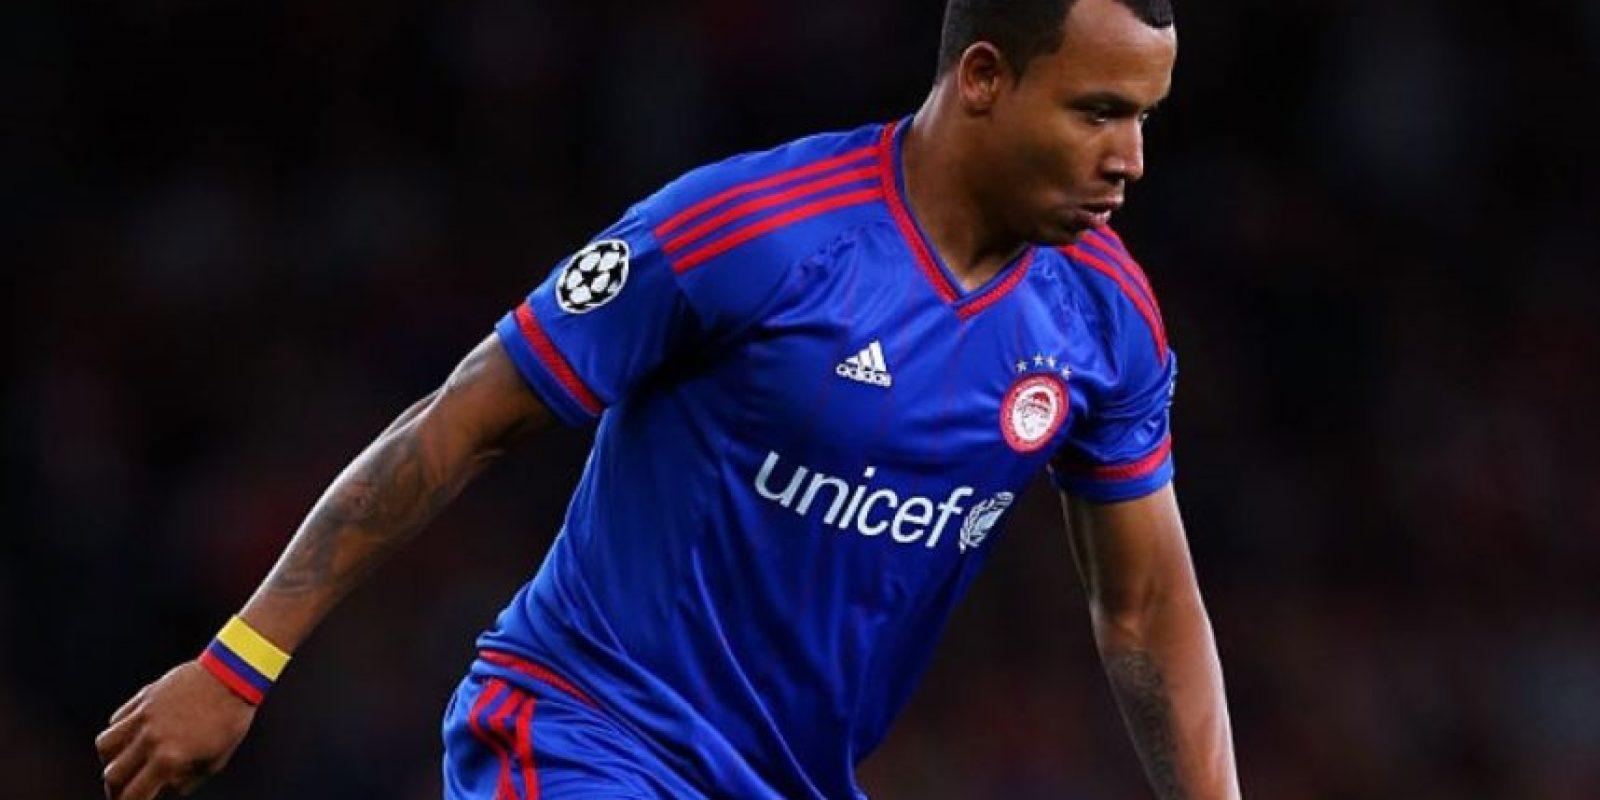 El jugador que pasó por varios clubes de Colombia y Portugal debutó en las redes de la competencia europea con la camiseta del Olympiacos en la temporada 2015/16. Foto:Getty Images